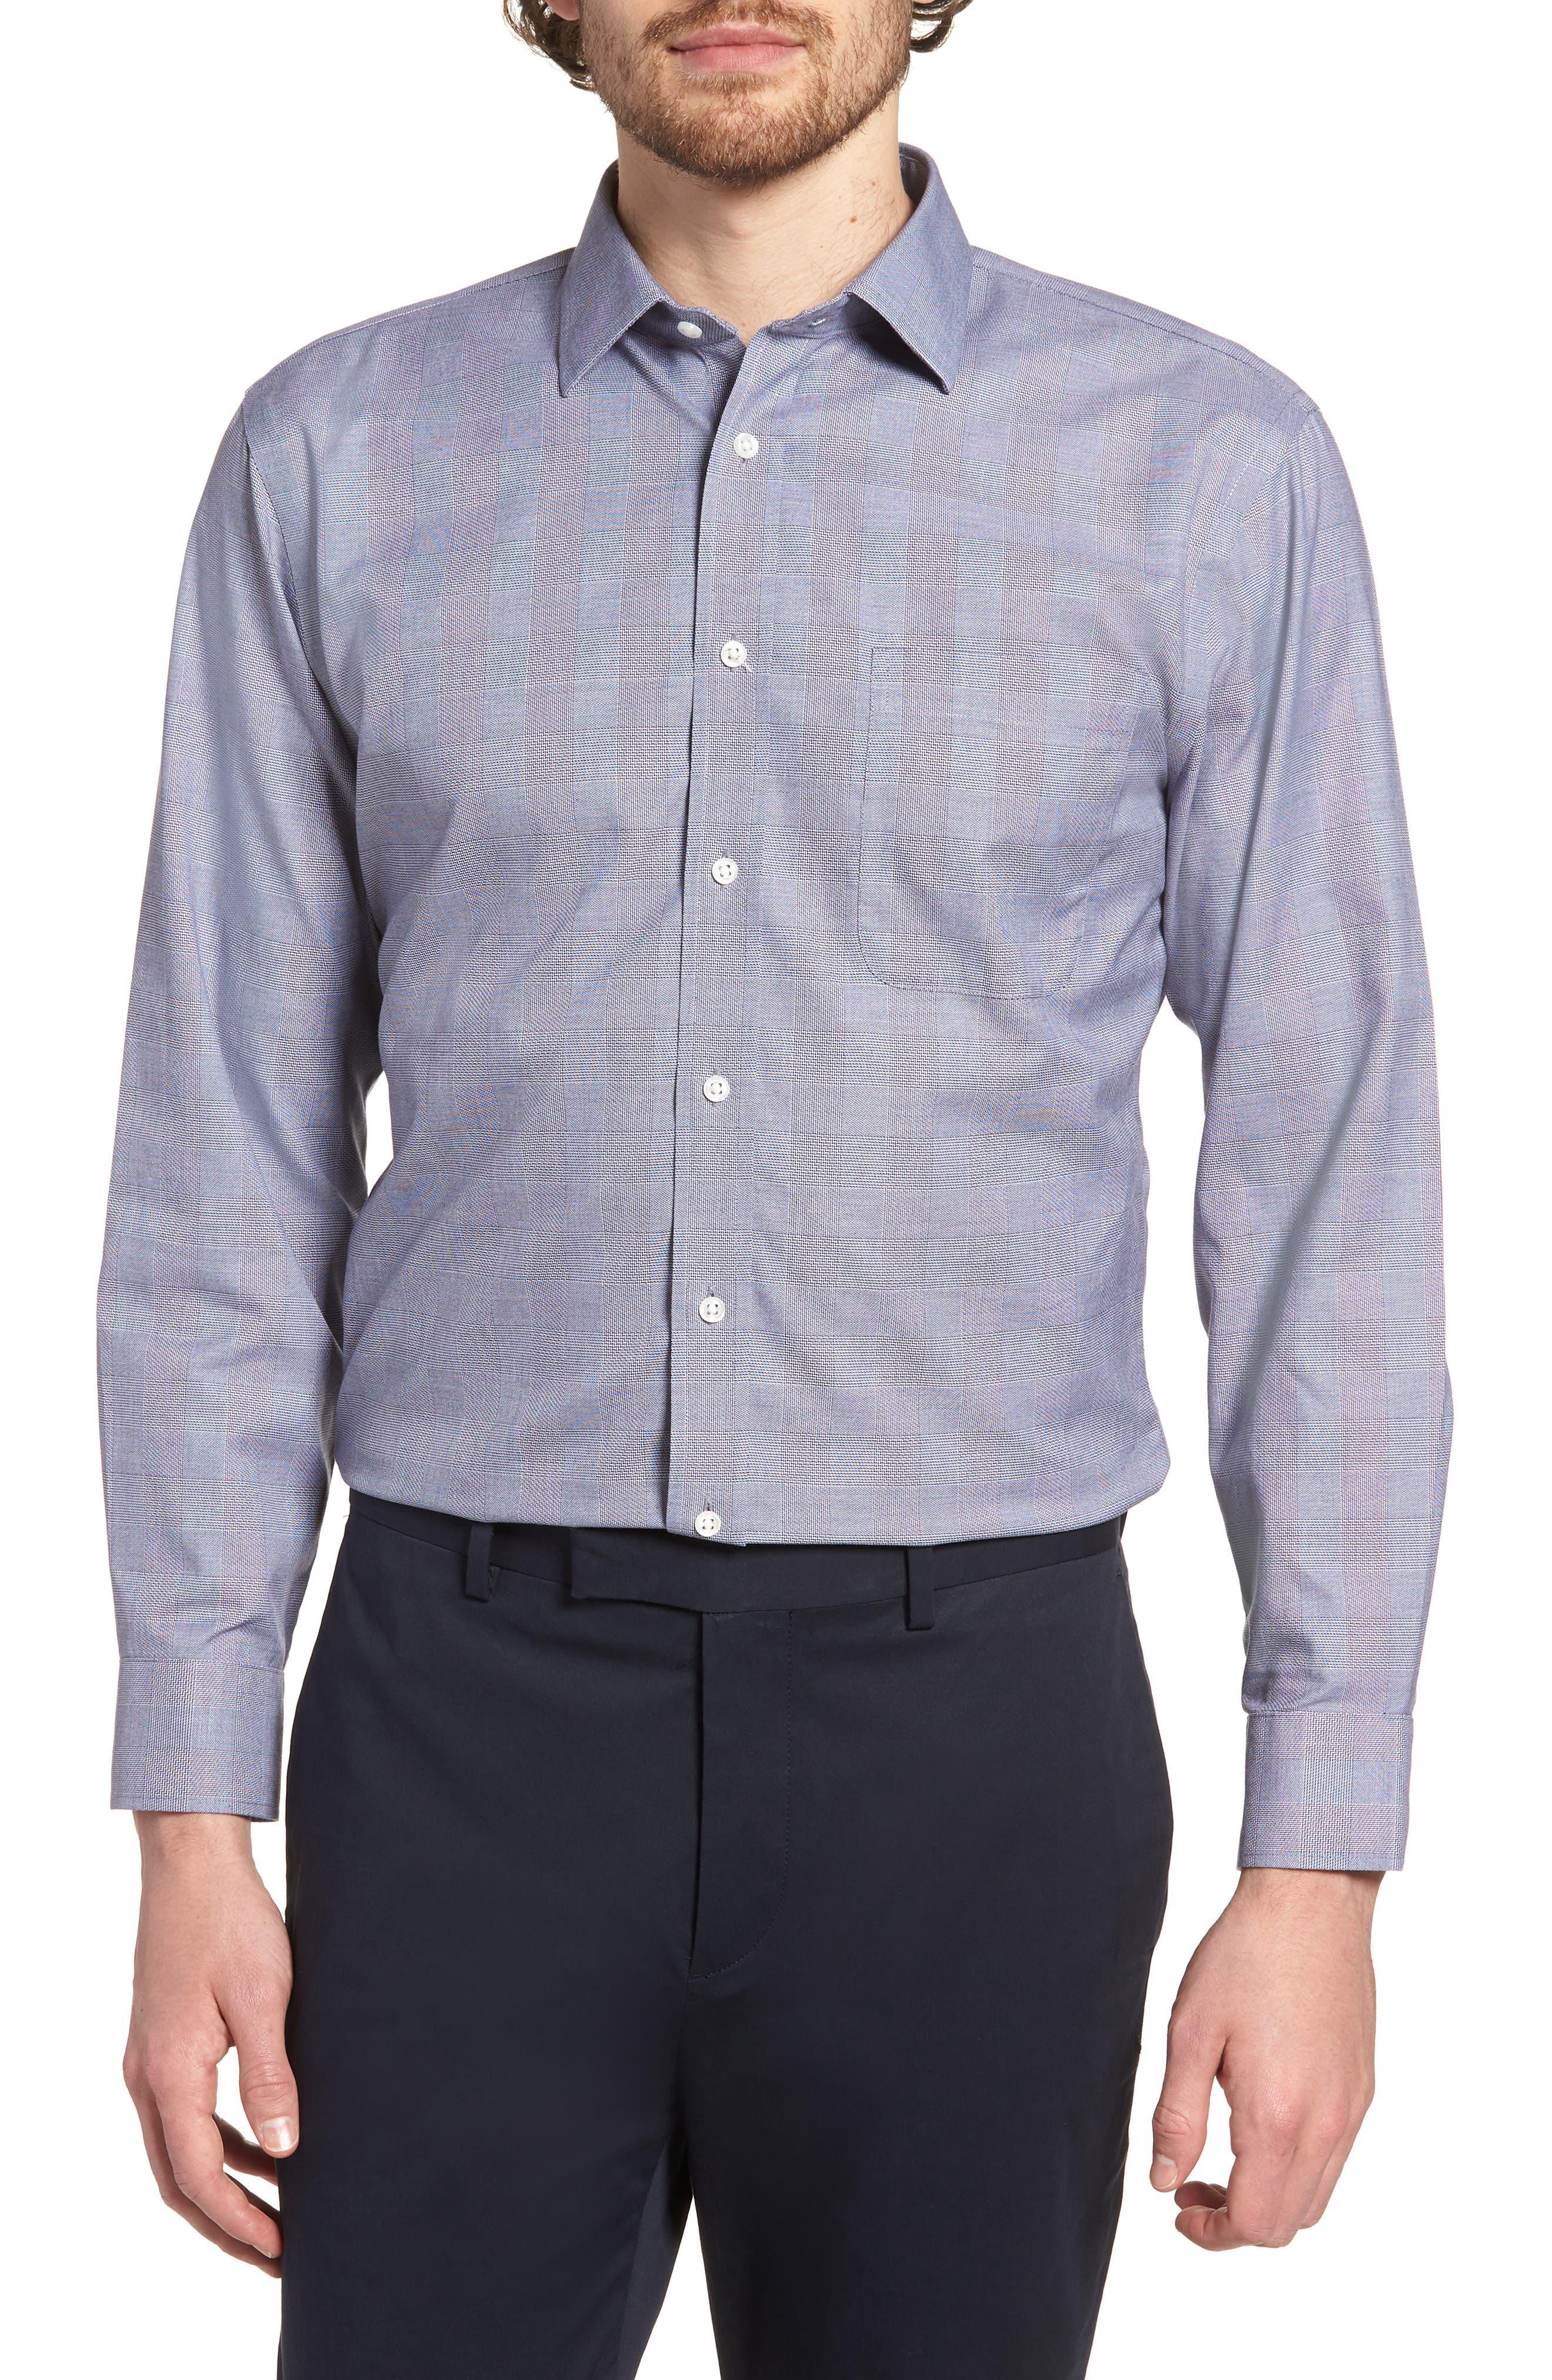 Smartcare<sup>™</sup> Trim Fit Plaid Dress Shirt,                             Main thumbnail 1, color,                             Grey Grisaille